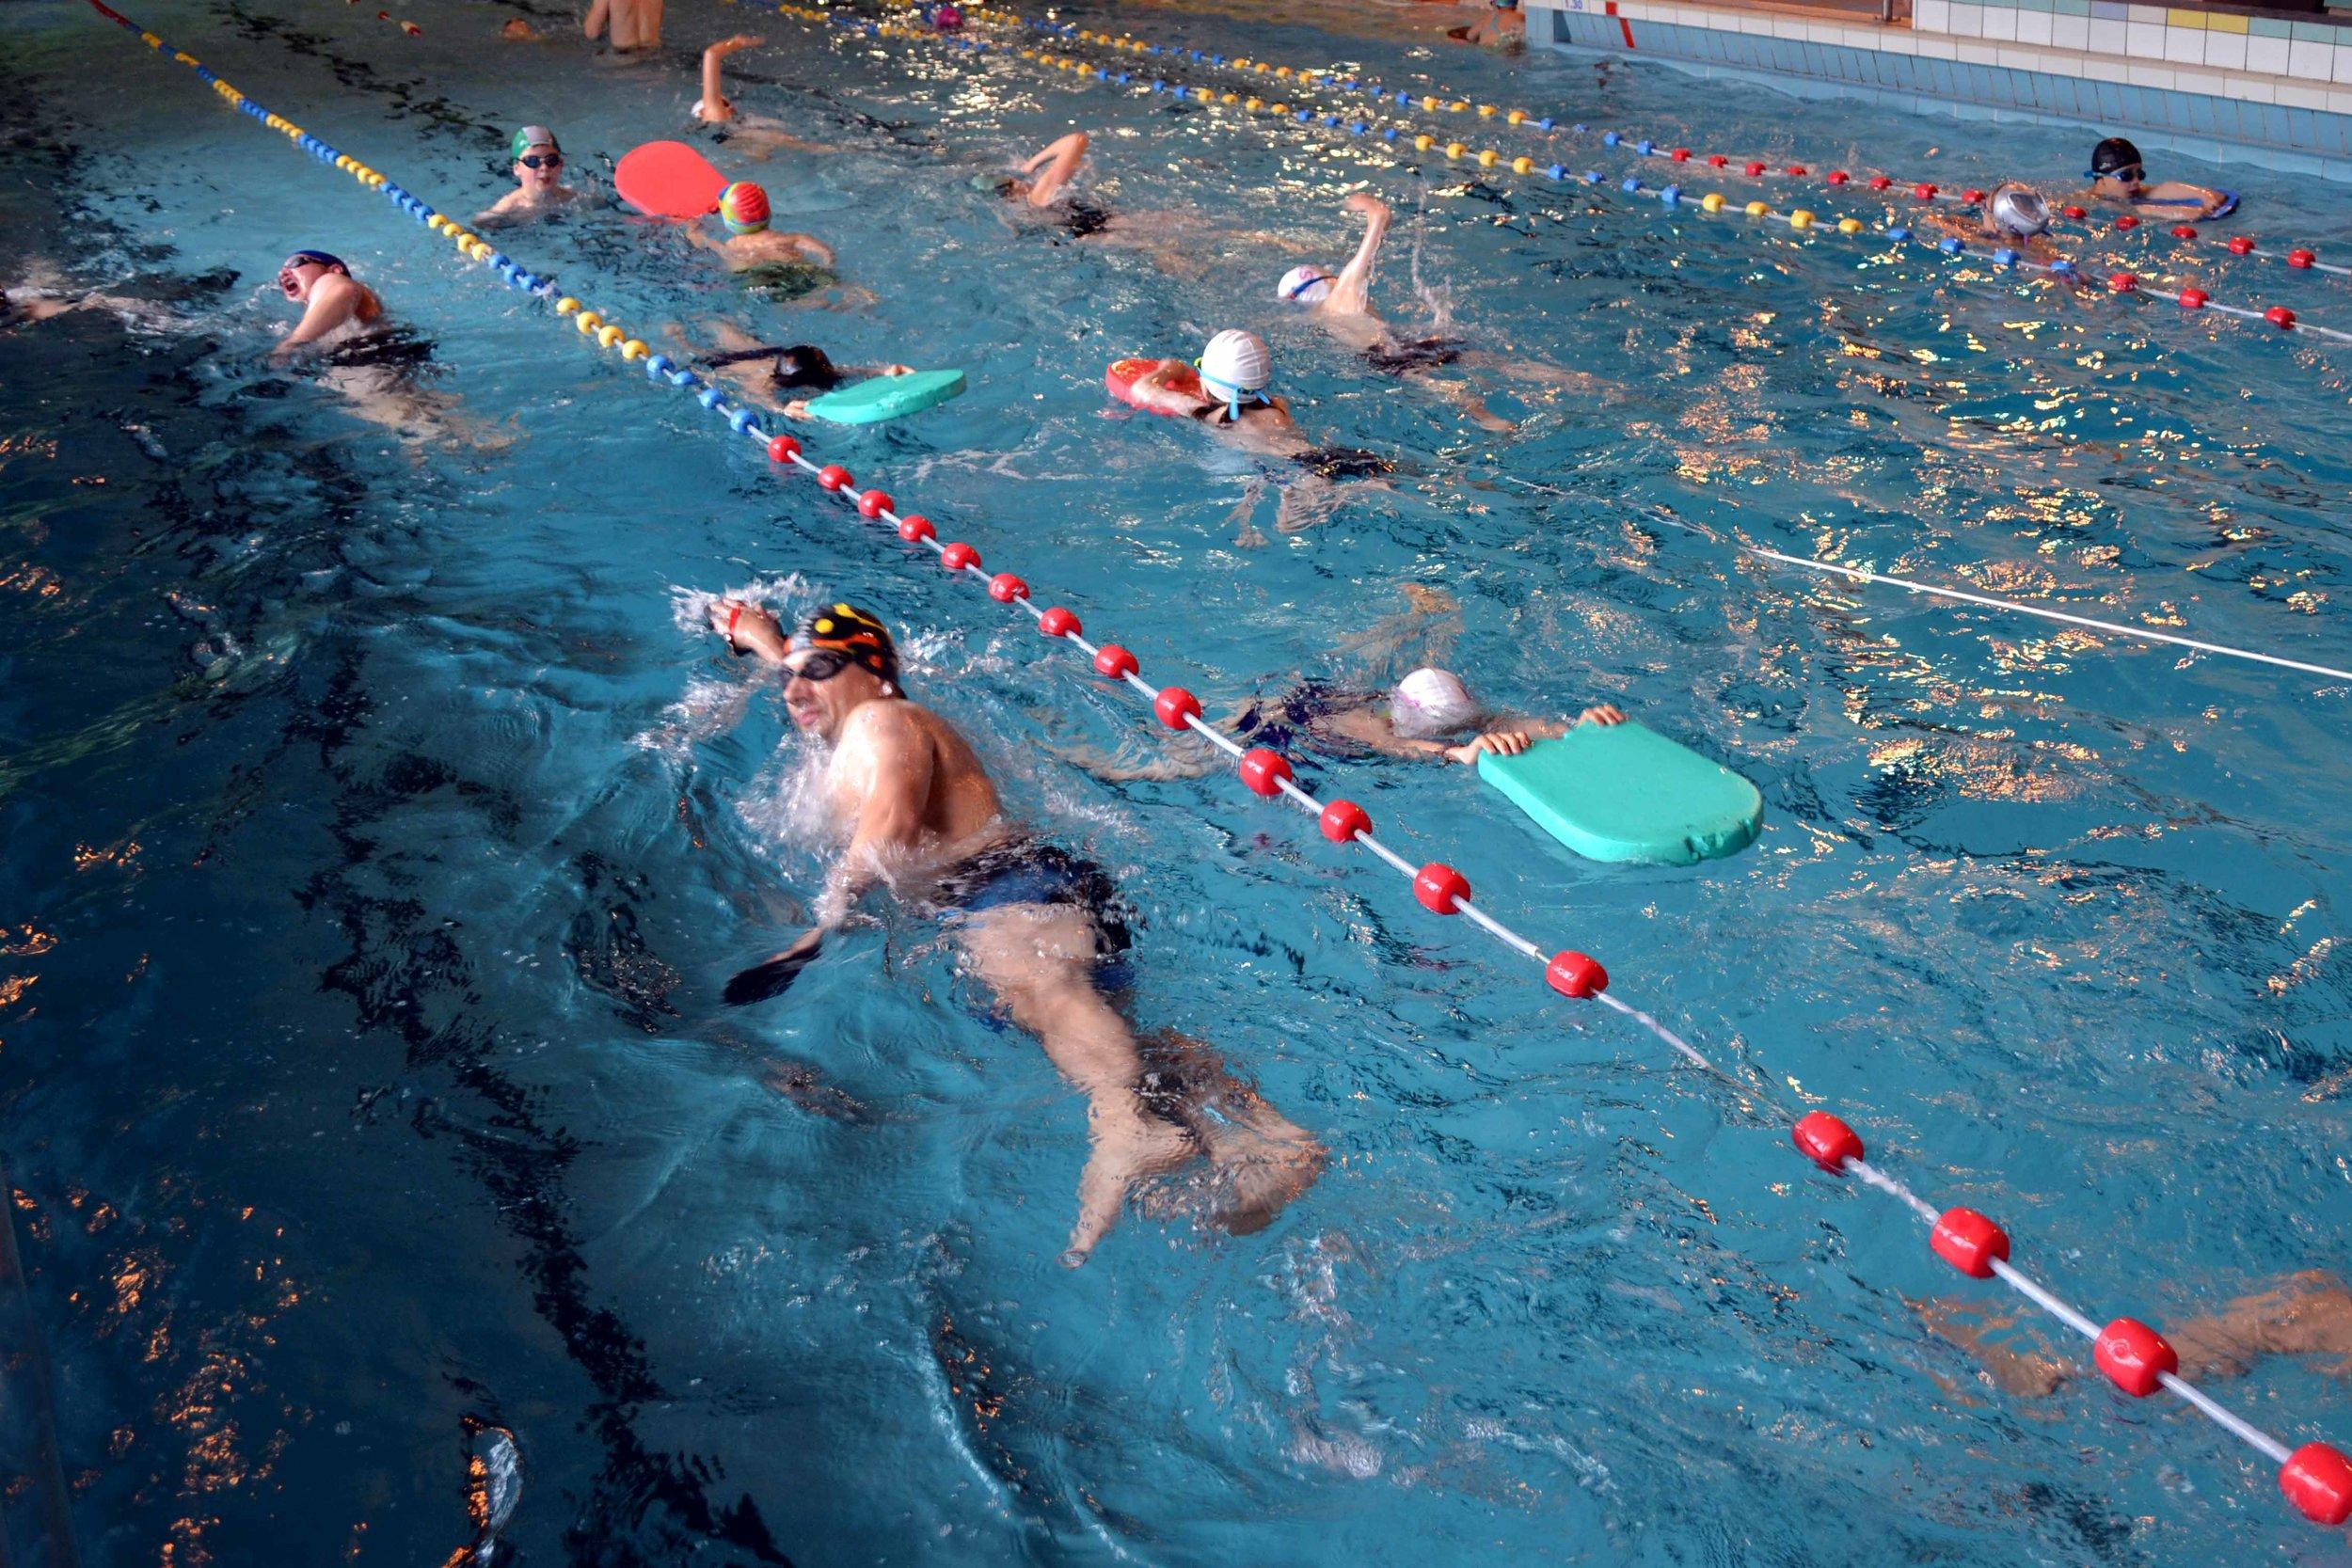 Natation Perfectionnement - La natation est une discipline qui travaille l'ensemble du corps. Elle vous permet de renforcer vos muscles ainsi que d'assouplir vos articulations sans forcer pour autant car nous ne faisons que 10 % de notre poids dans l'eau. Dans le perfectionnement de la natation nous vous proposons deux programmes d'entraînement renouvelés toutes les deux semaines.Vous y trouverez de l'endurance, du mixte, ainsi que de la vitesse. Si vous désirez améliorer votre technique, des moniteurs sont présents afin de corriger vos mouvements dans les quatre nages. Vous êtes également libre de ne pas suivre le programme et de venir faire des longueurs à votre guise.Prix : 180 € l'année (36 semaines + assurance)1 cours : 6 €